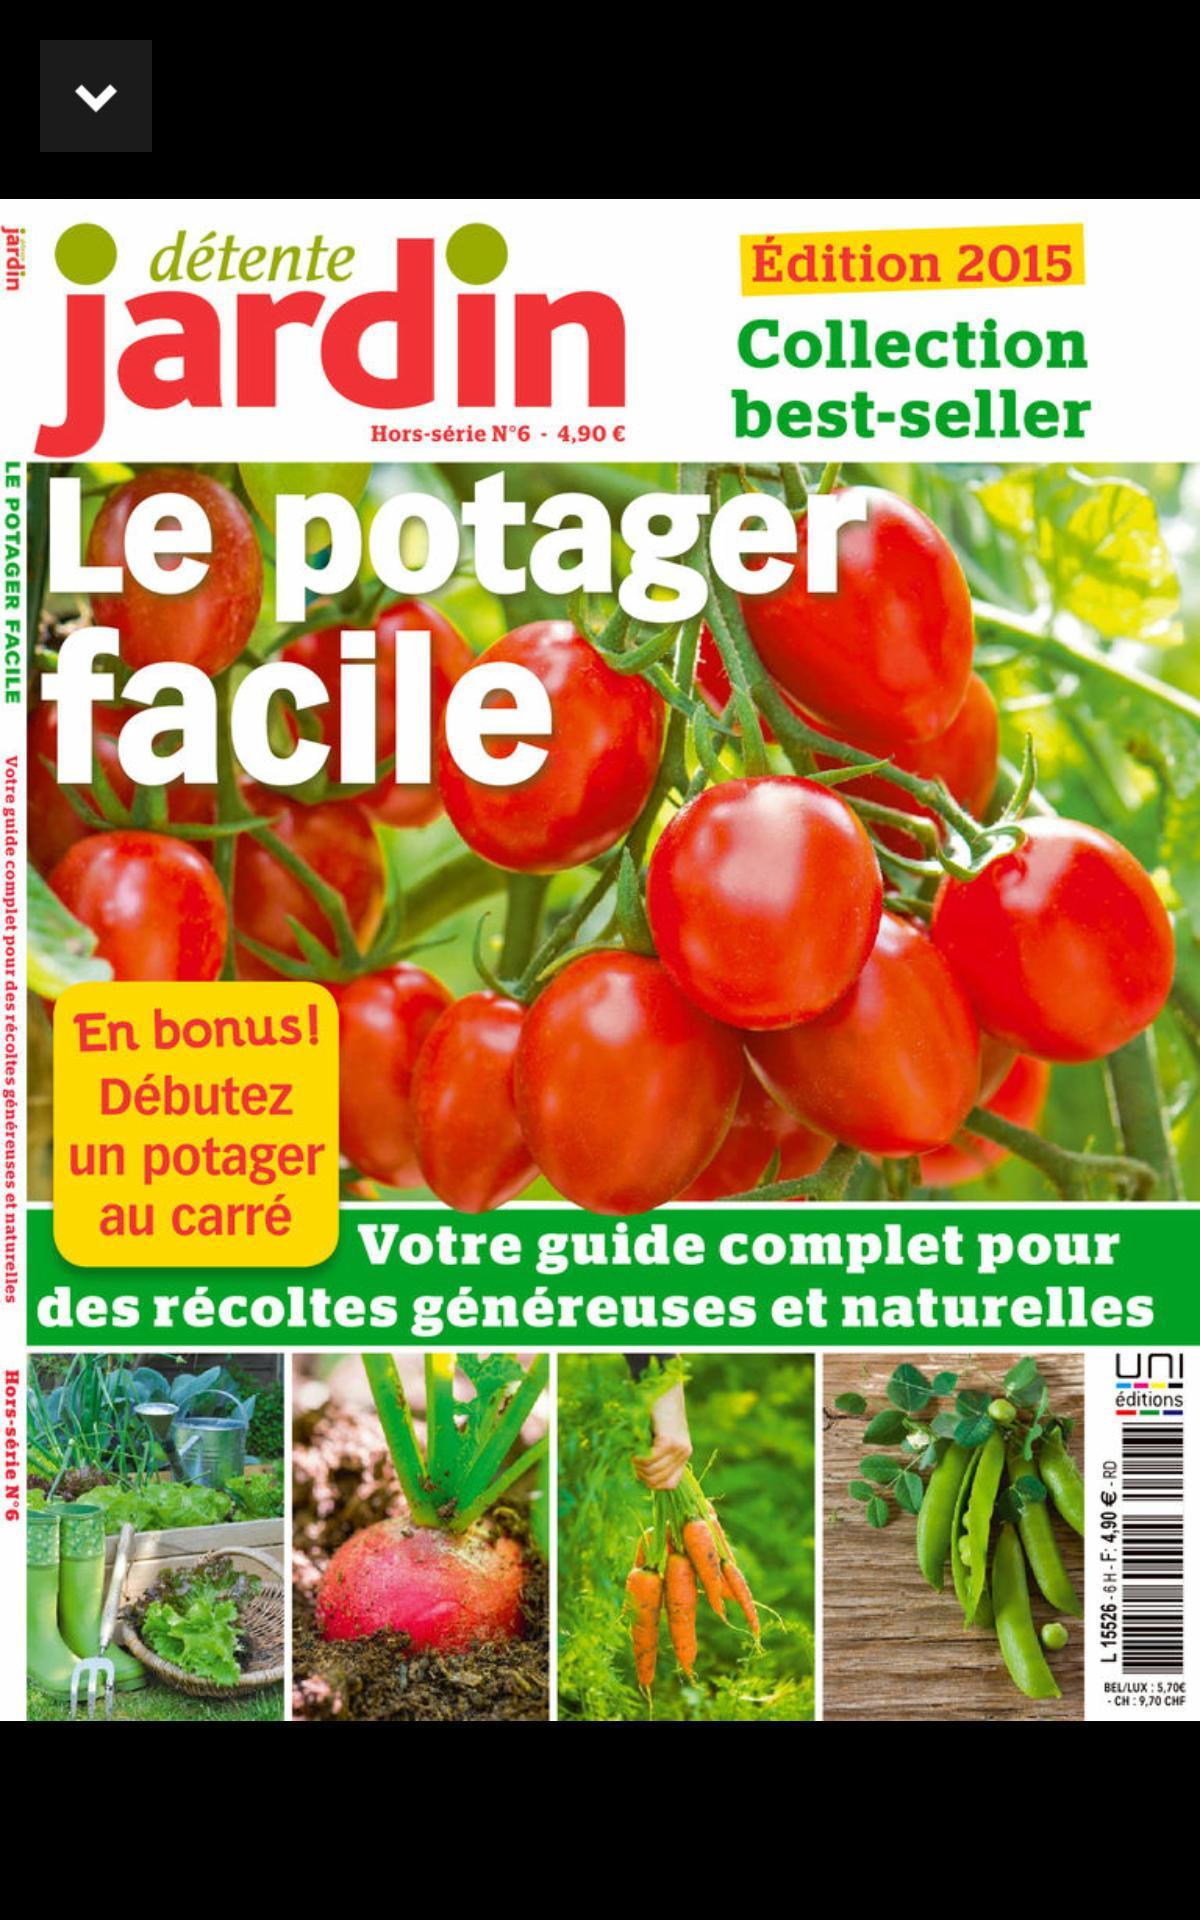 Détente Jardin - Le Magazine For Android - Apk Download encequiconcerne Détente Jardin Magazine